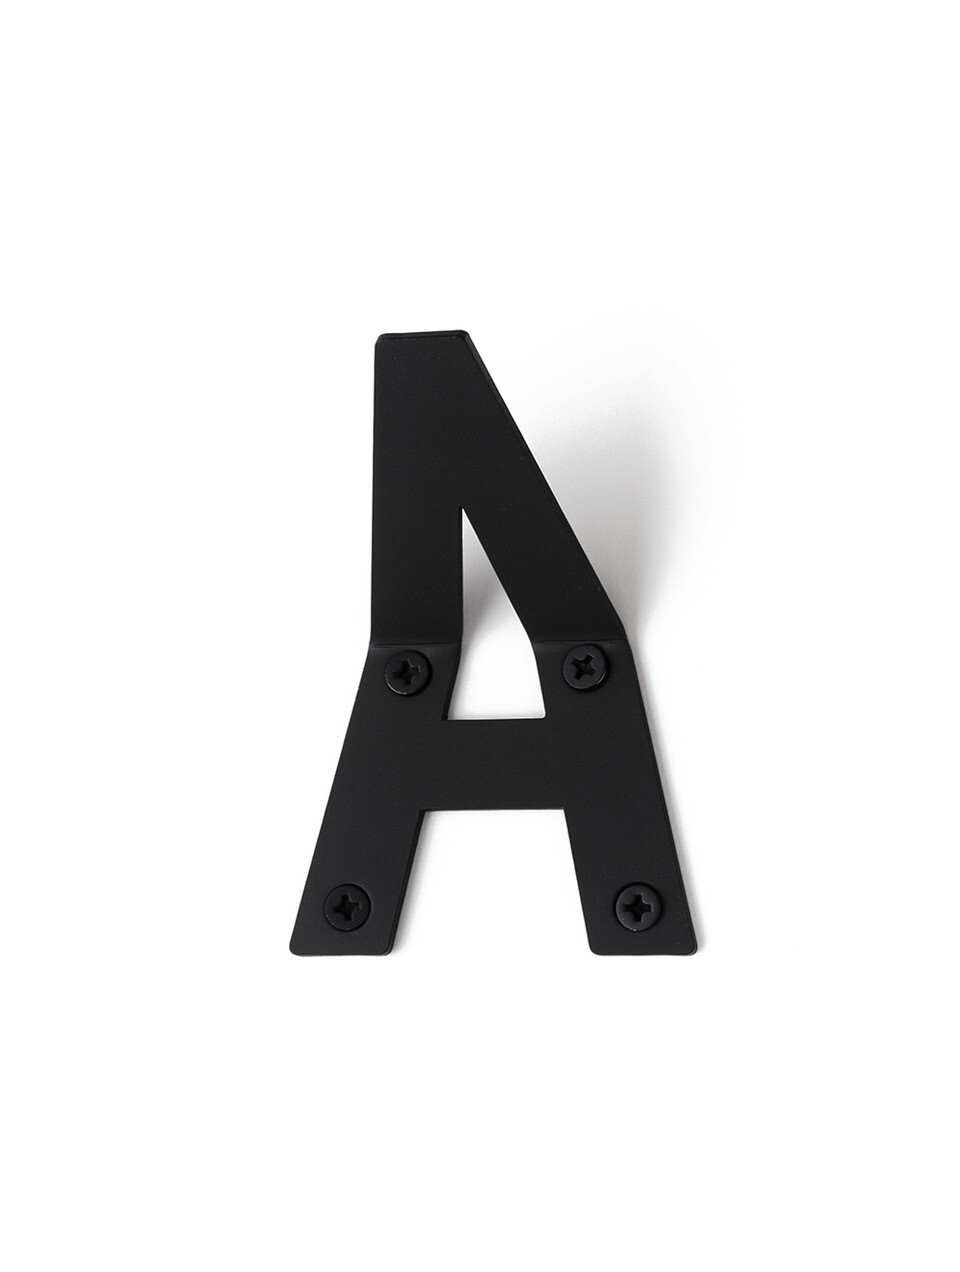 LETTER HOOK A フック 壁掛け サイン 英文字 アルファベット